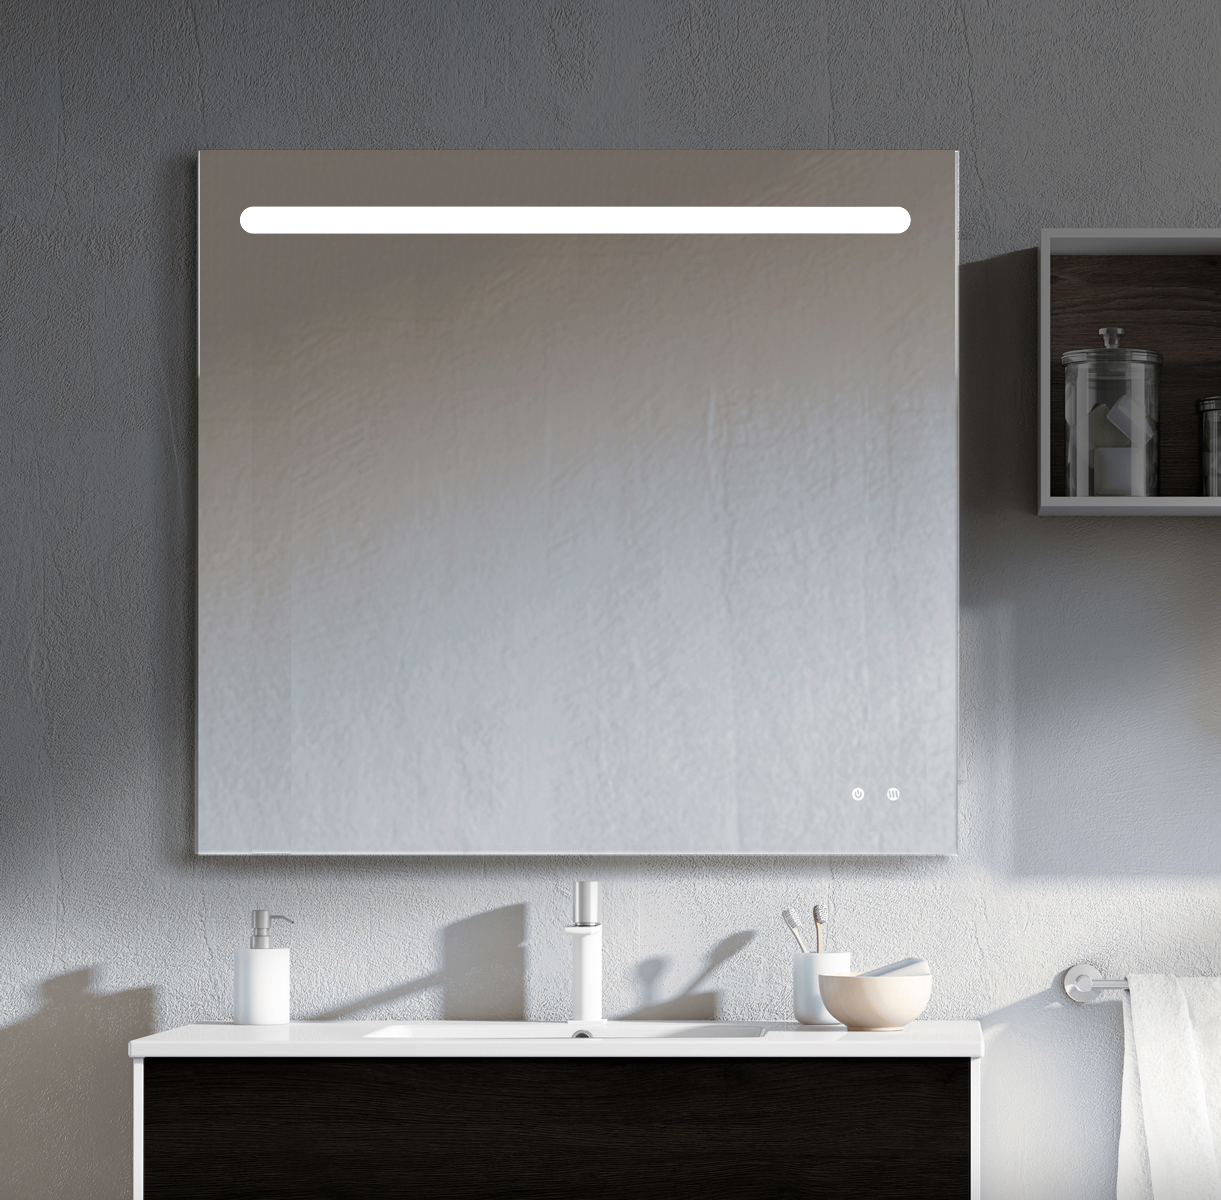 nairobi basha Espejo luz LED